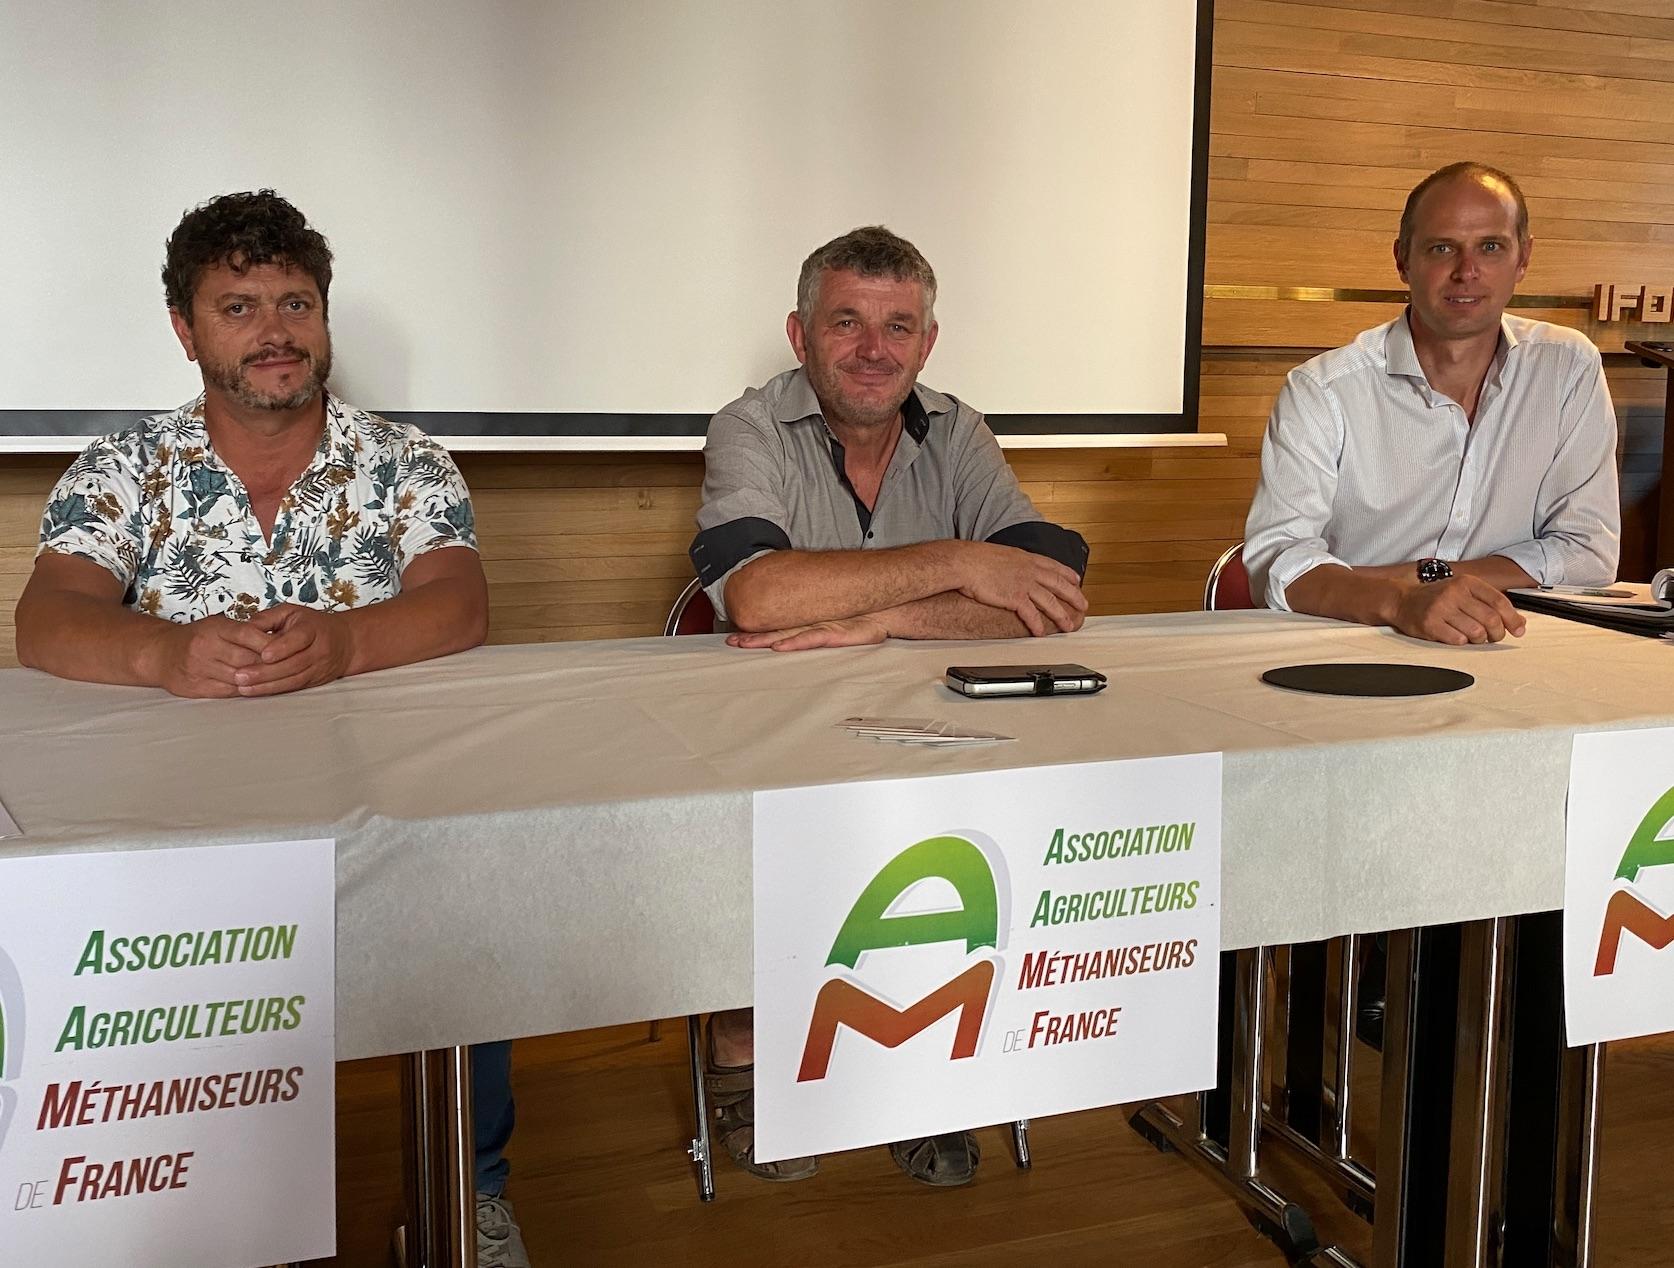 Francis Claudepierre, président de l'AAMF, entouré des vice-présidents Jean-Marc Onno (à gauche) et Mauritz Quaak. (Crédits photo : R. Lecocq)